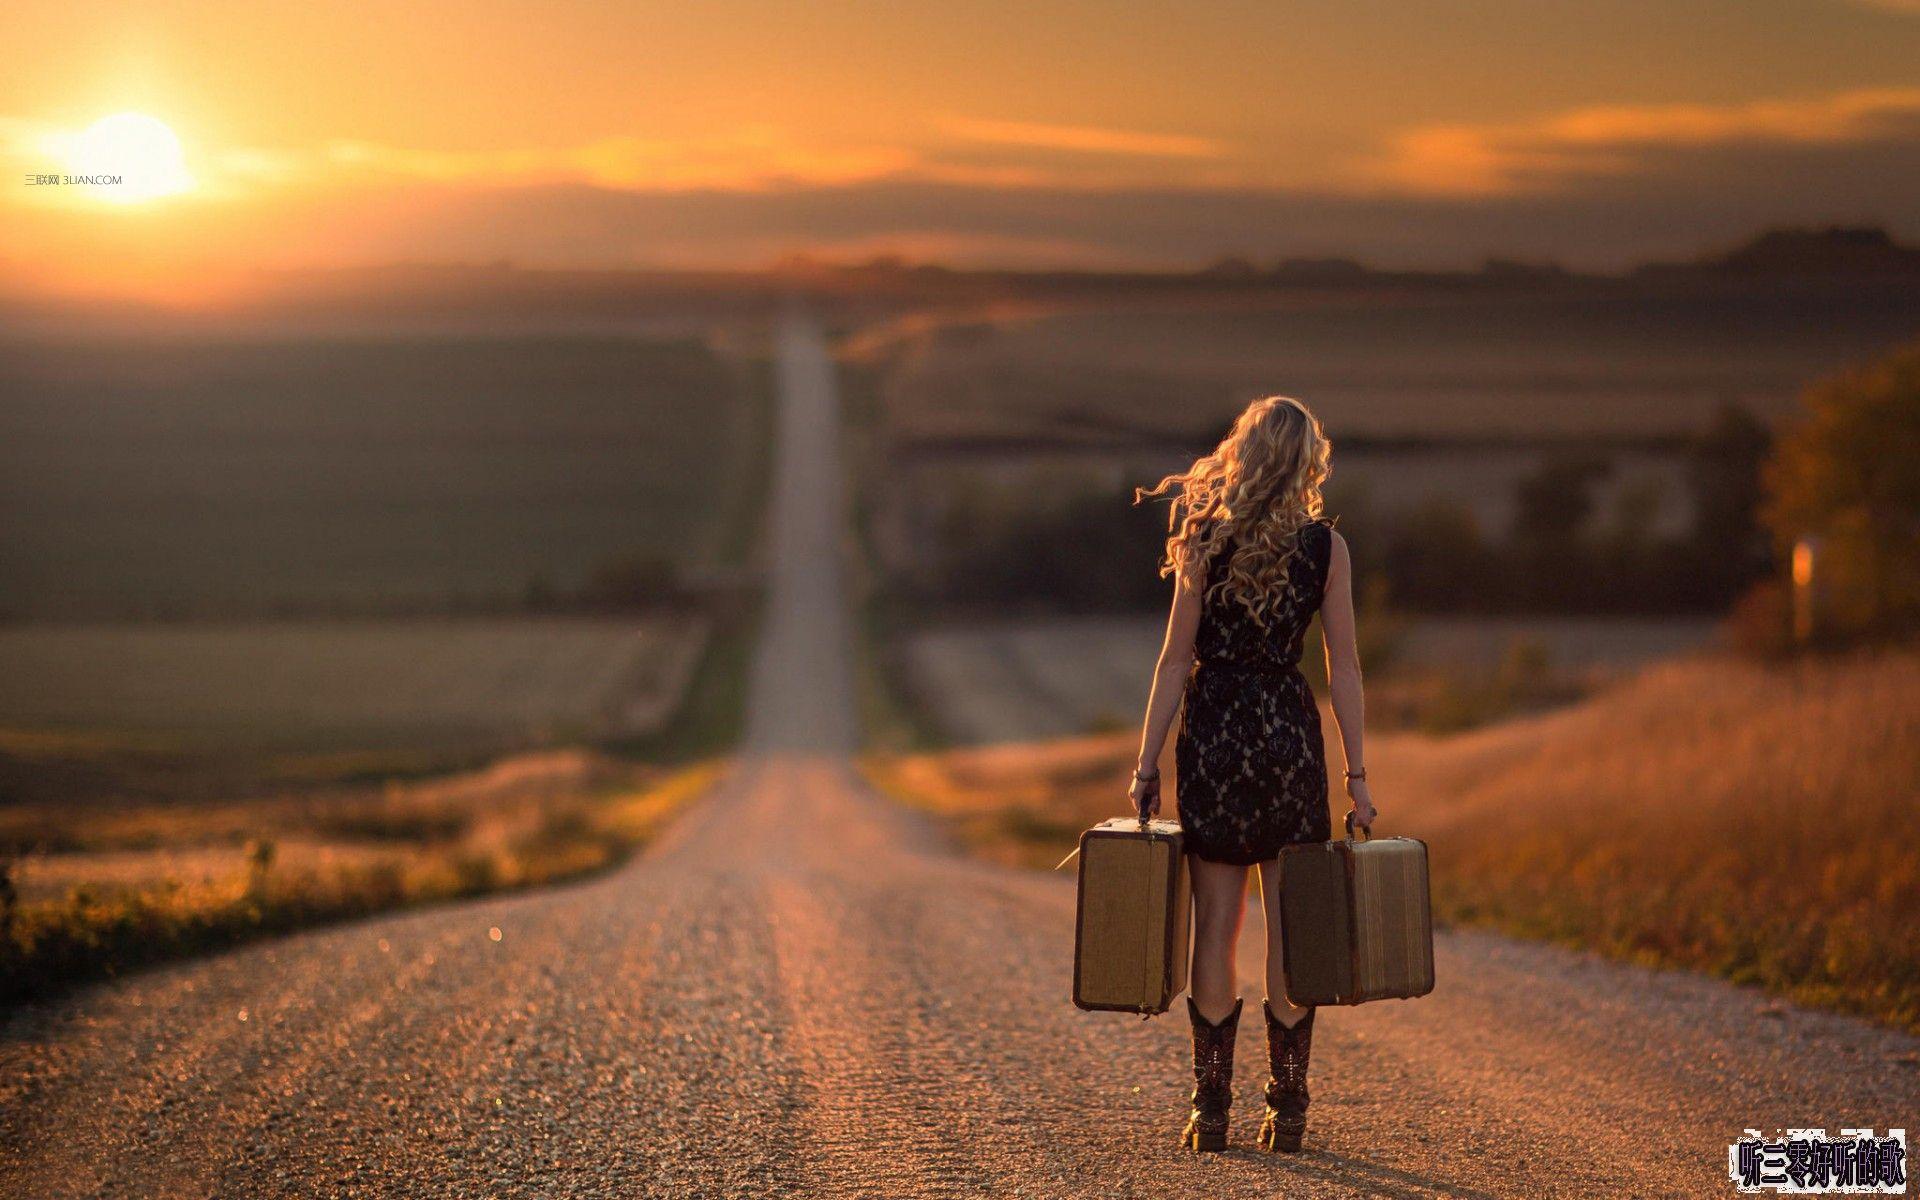 我毫无阅历 毫无准备  我一头栽进我的命运 就像跌进一个深渊。